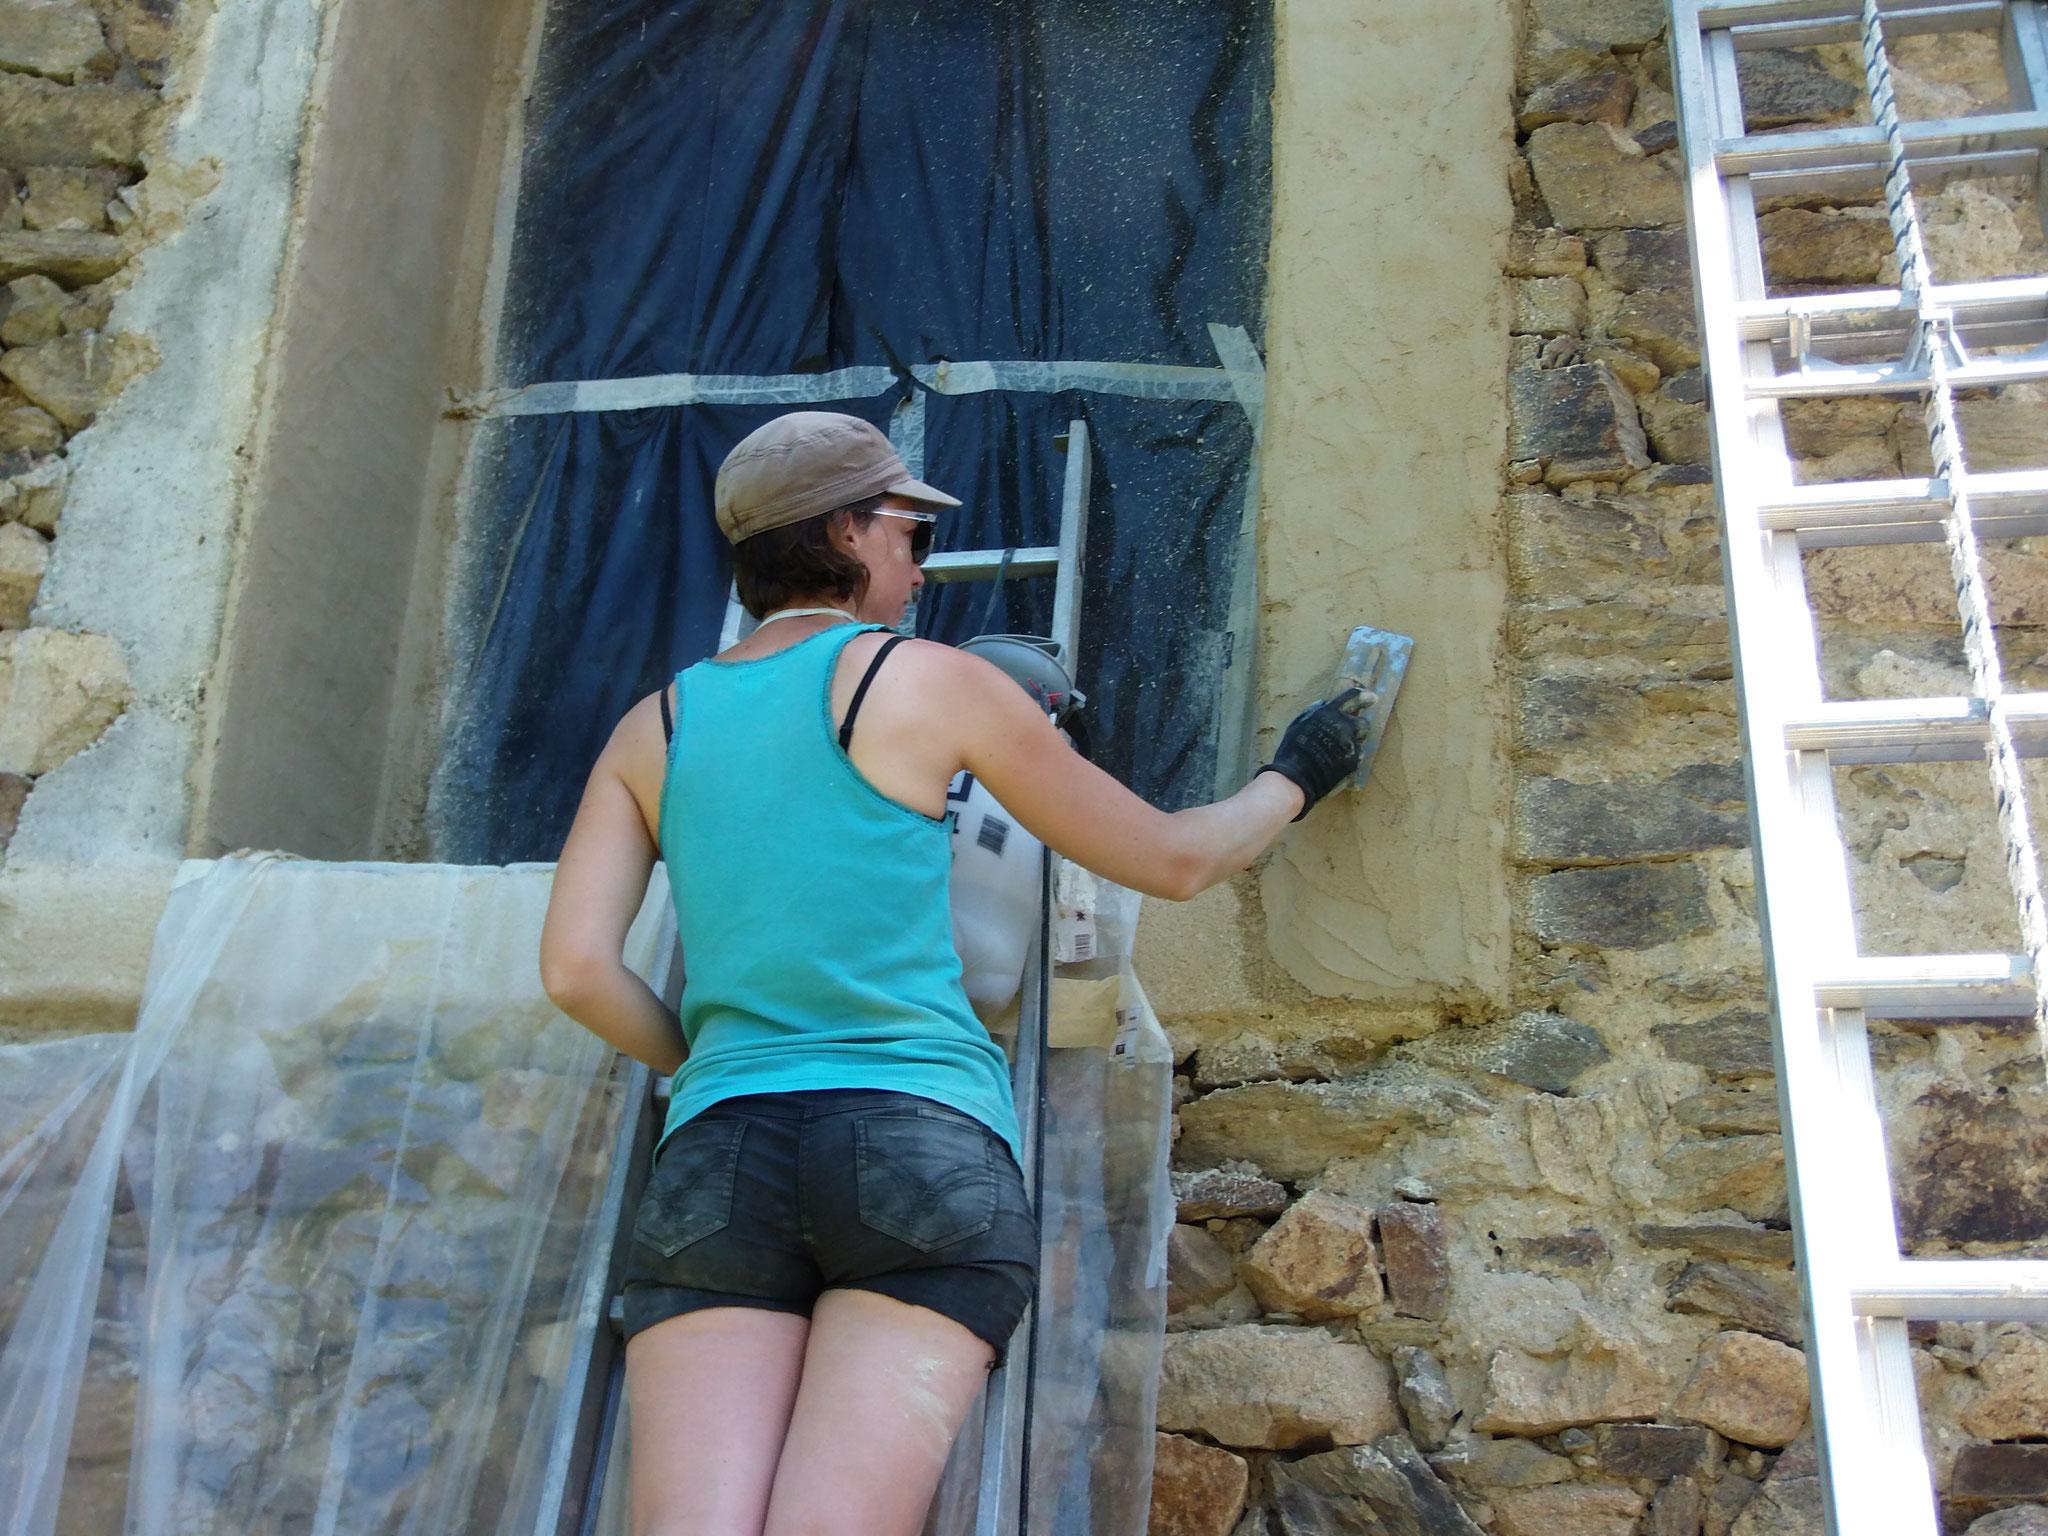 Juin 2019 : crépis des encadrement de porte fenêtre